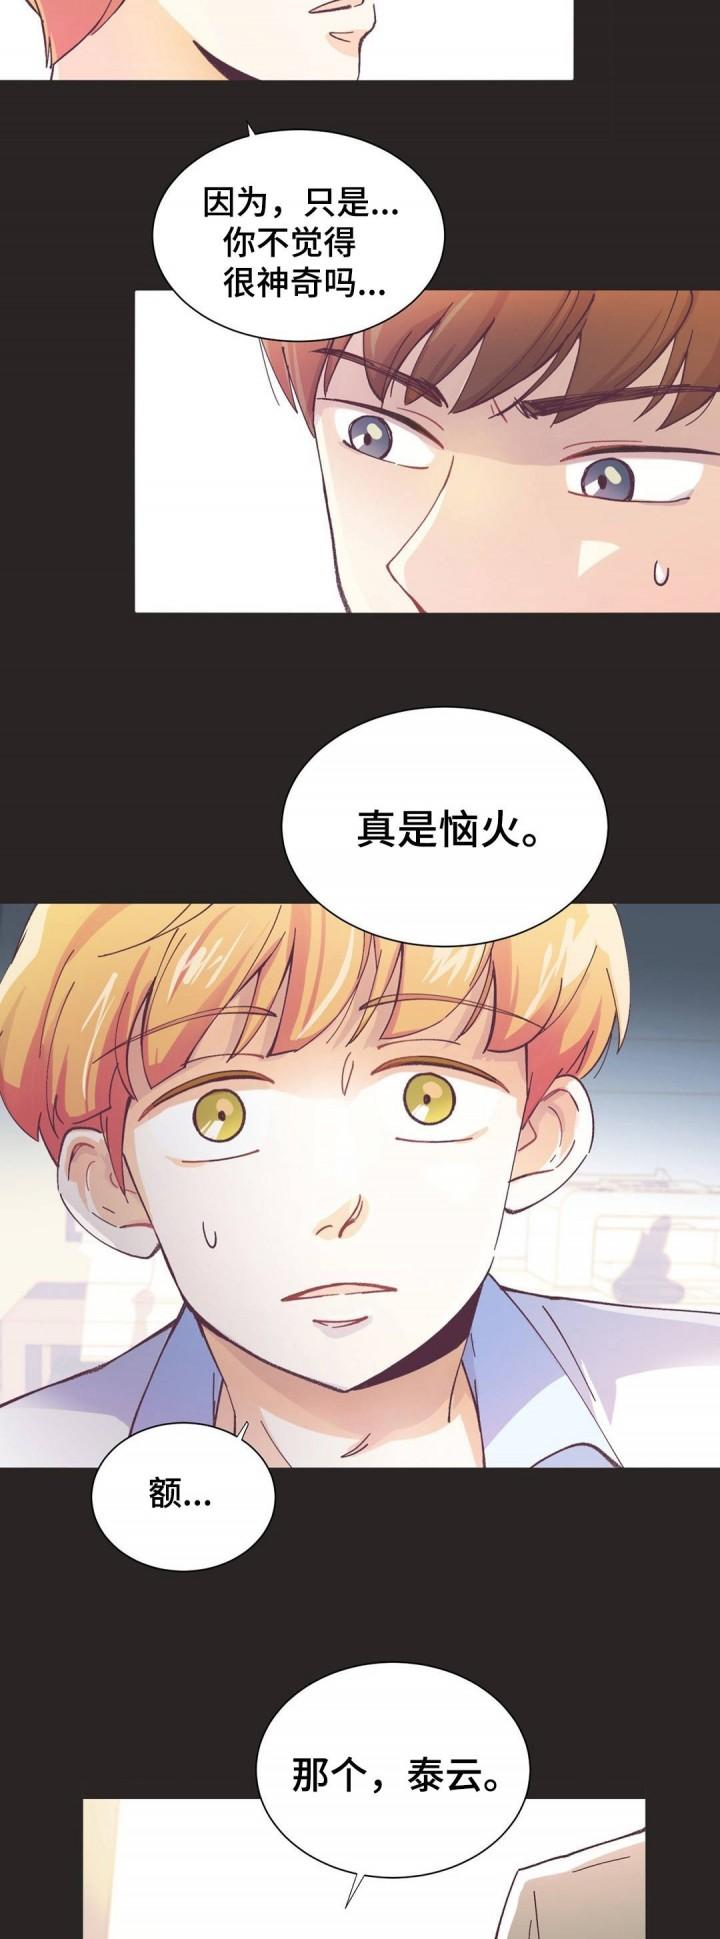 纯爱漫画网热门新作——《无法伪装》漫画推荐 & 在线阅读全集